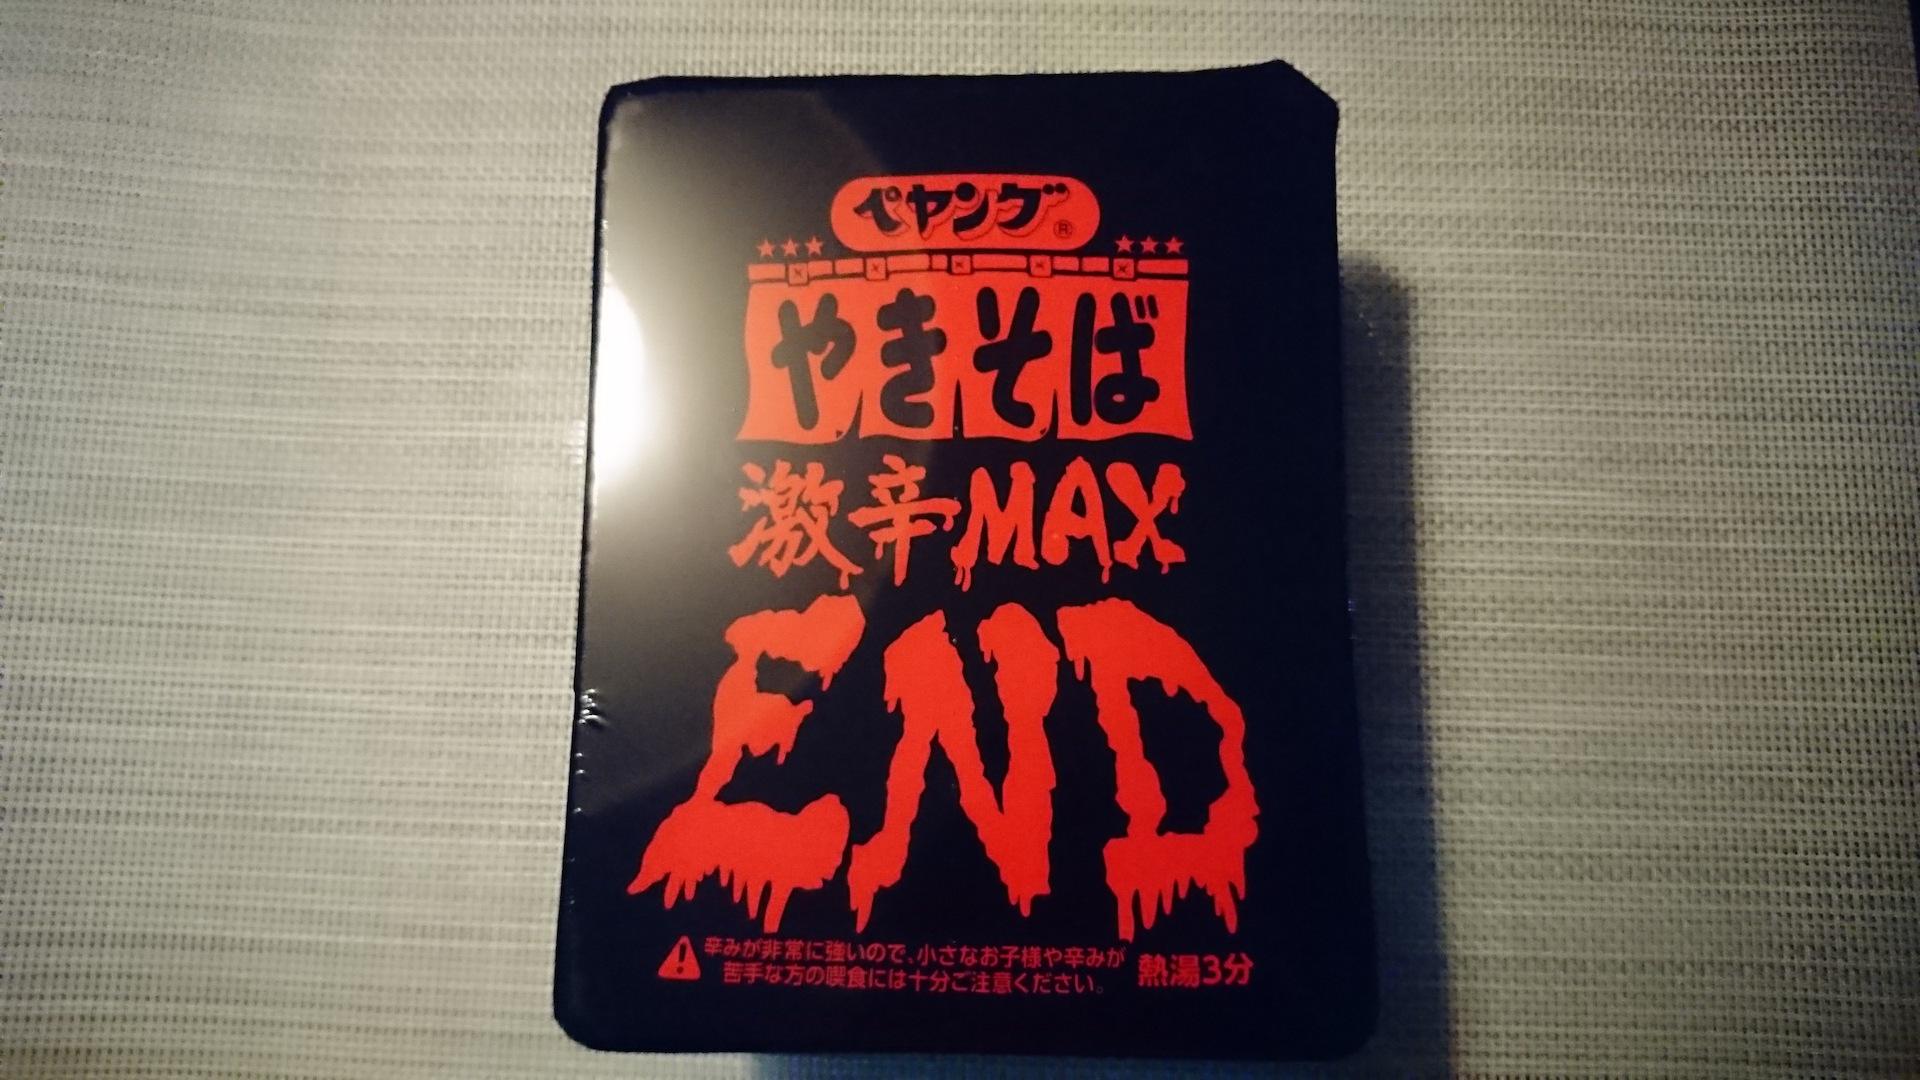 ペヤング 激辛MAX ENDを興味本位で食べてみましたが、後悔しています。